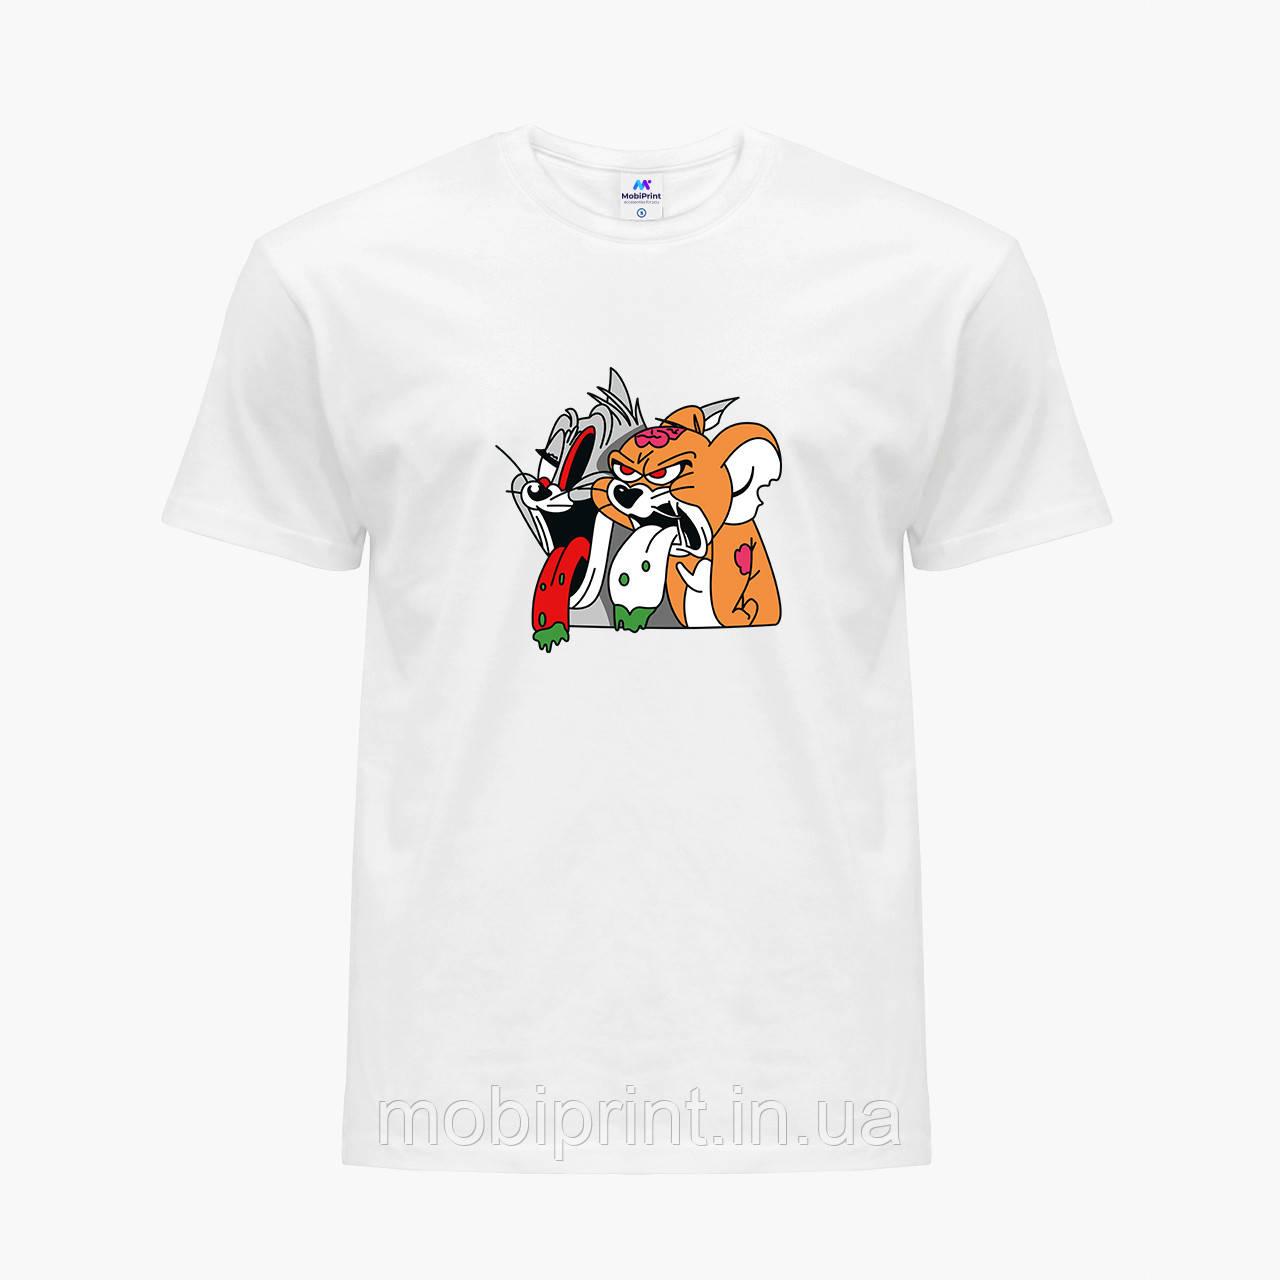 Футболка чоловіча Том і Джеррі (Tom I Jerry) Білий (9223-2089)